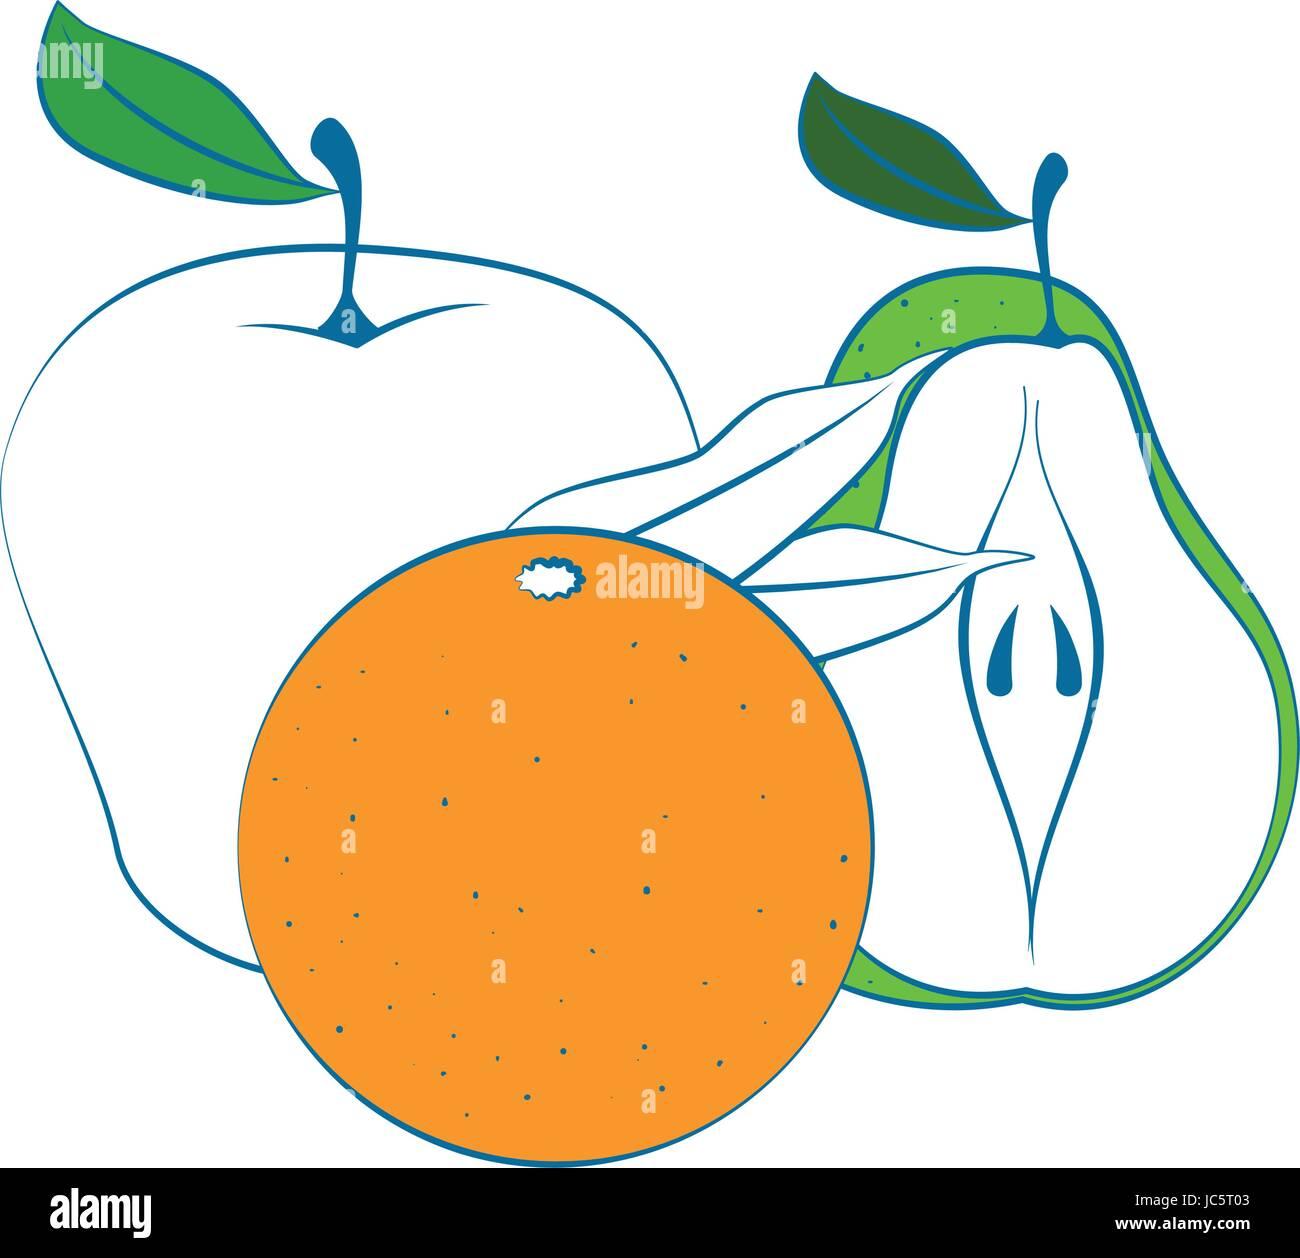 Set of fruits - Stock Image